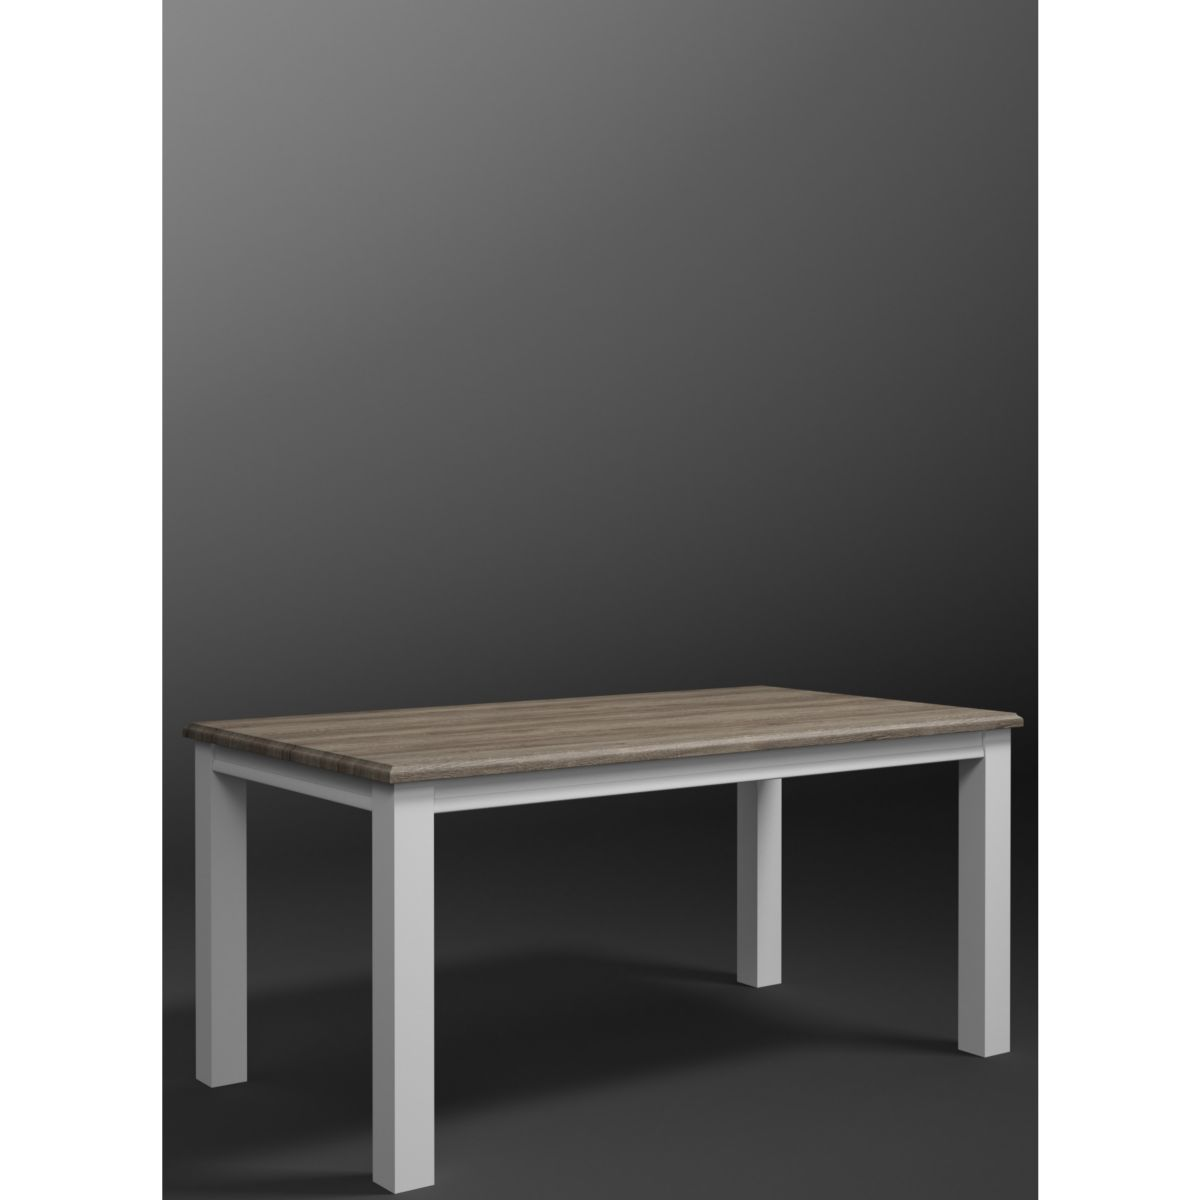 Esstisch 160 x 90 cm weiss/ Sanremo Eiche